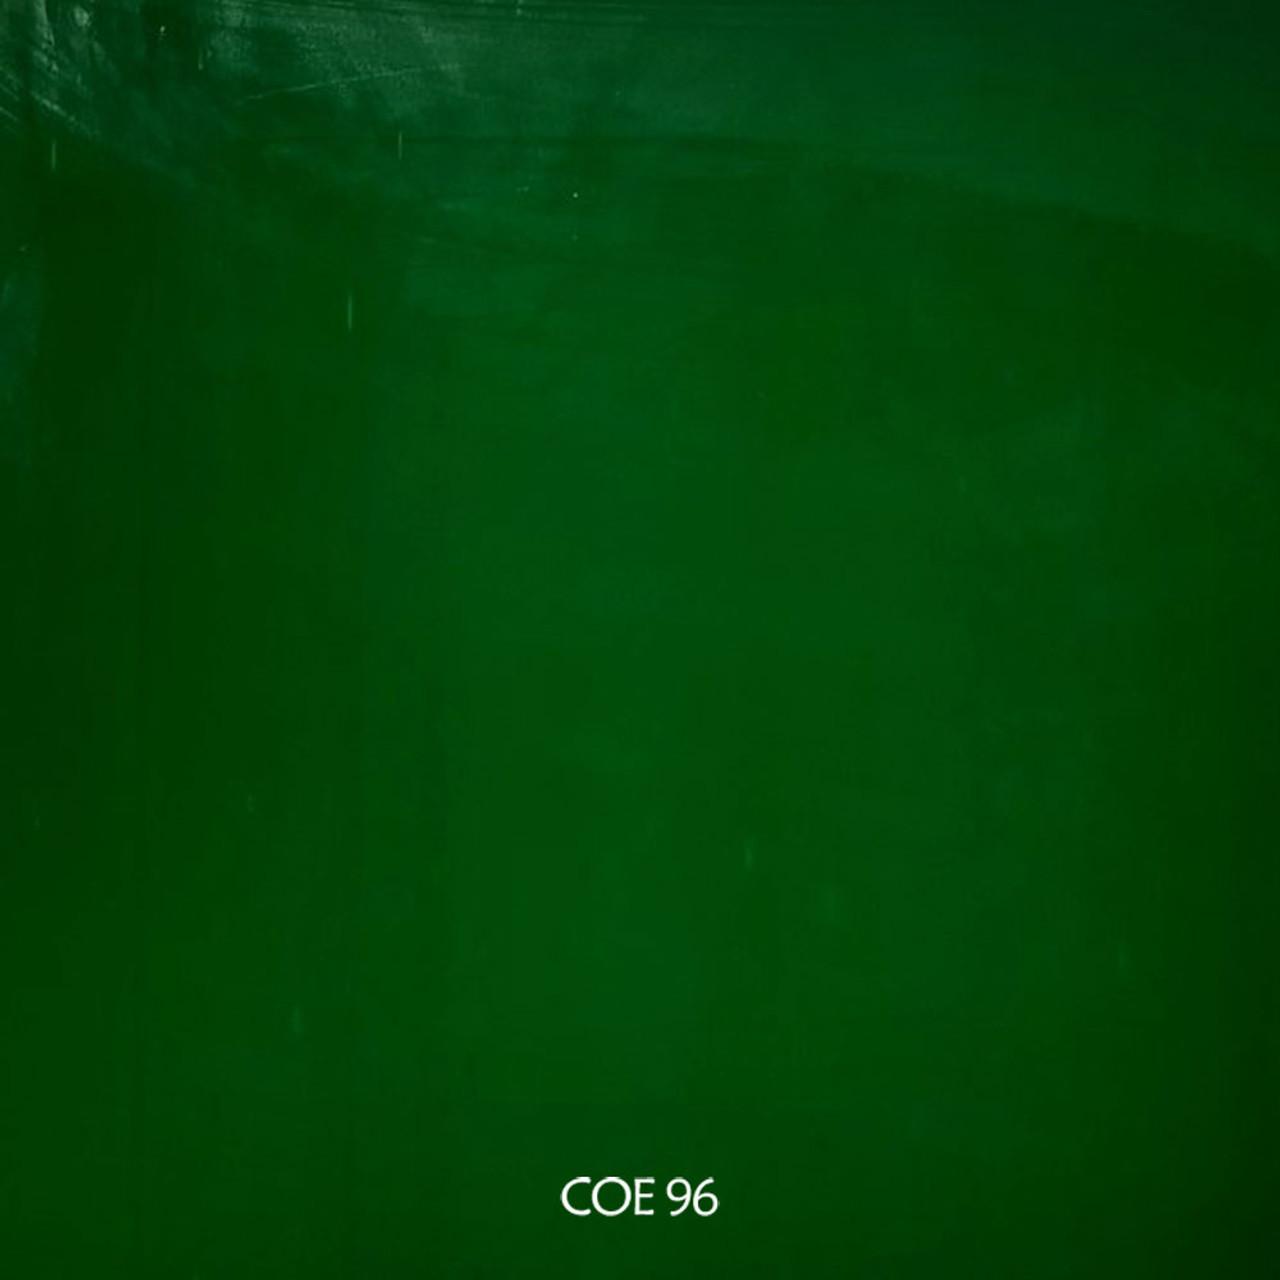 Green Opal 96 COE Oceanside Glass Noodles